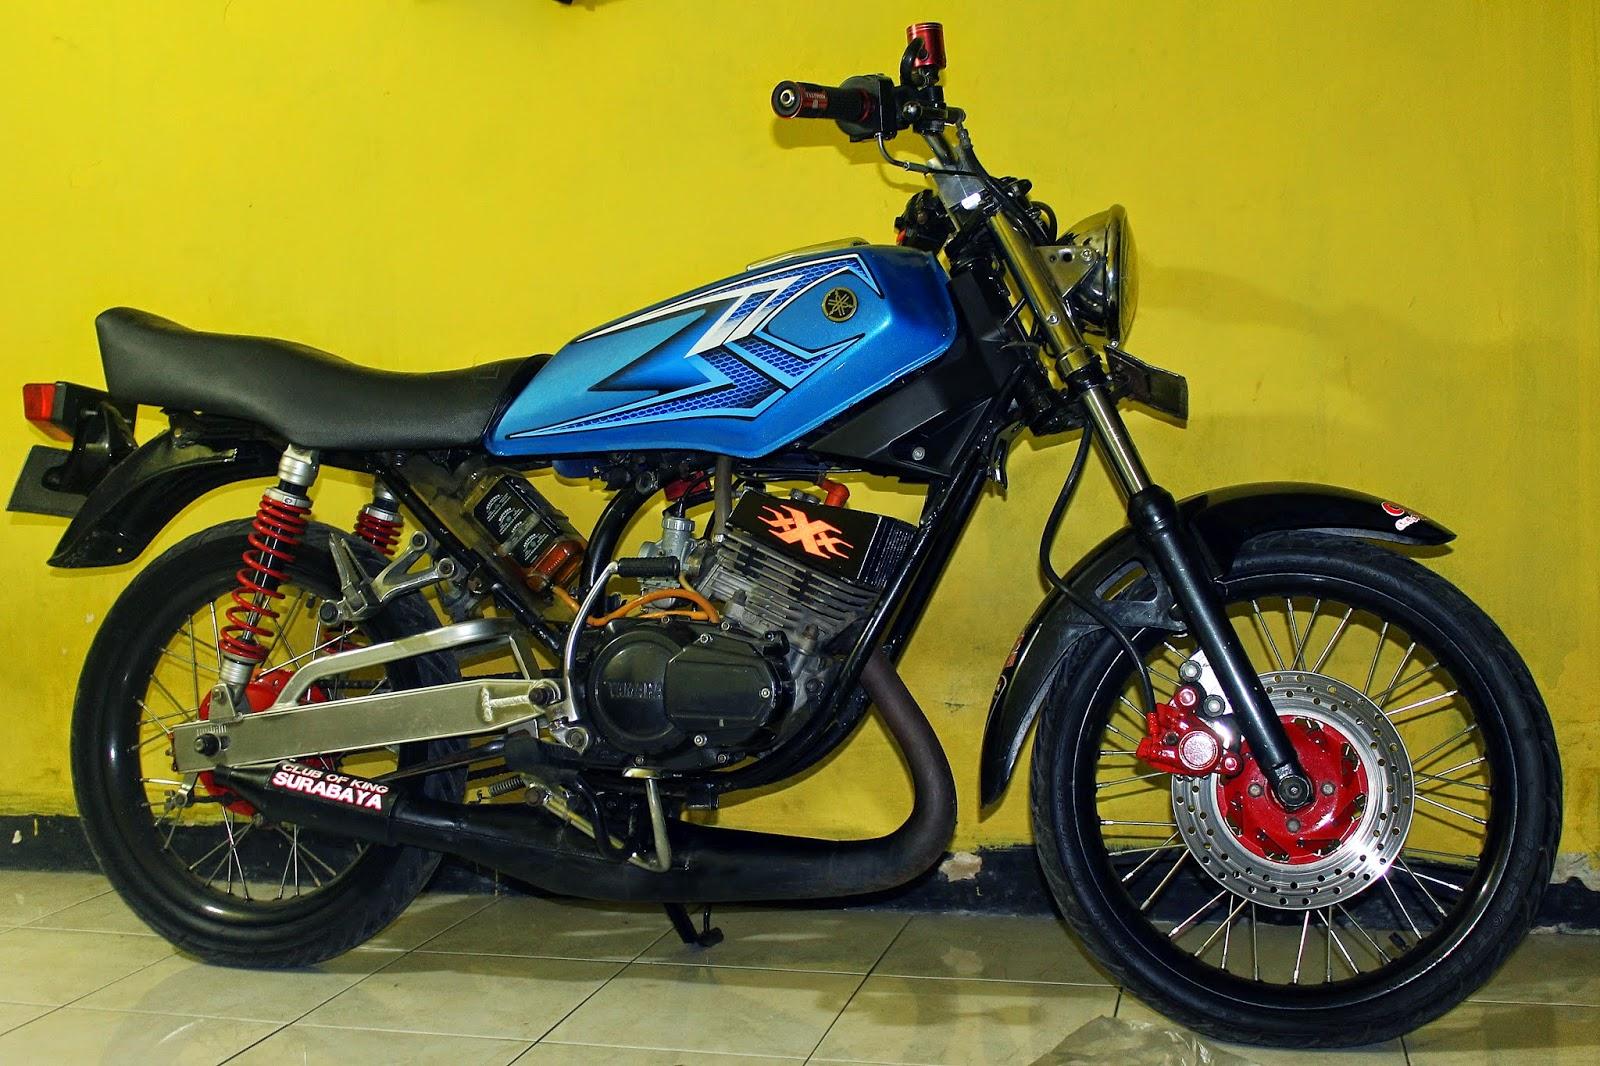 Clubofkingsurabayacrewsekti  Yamaha Rx